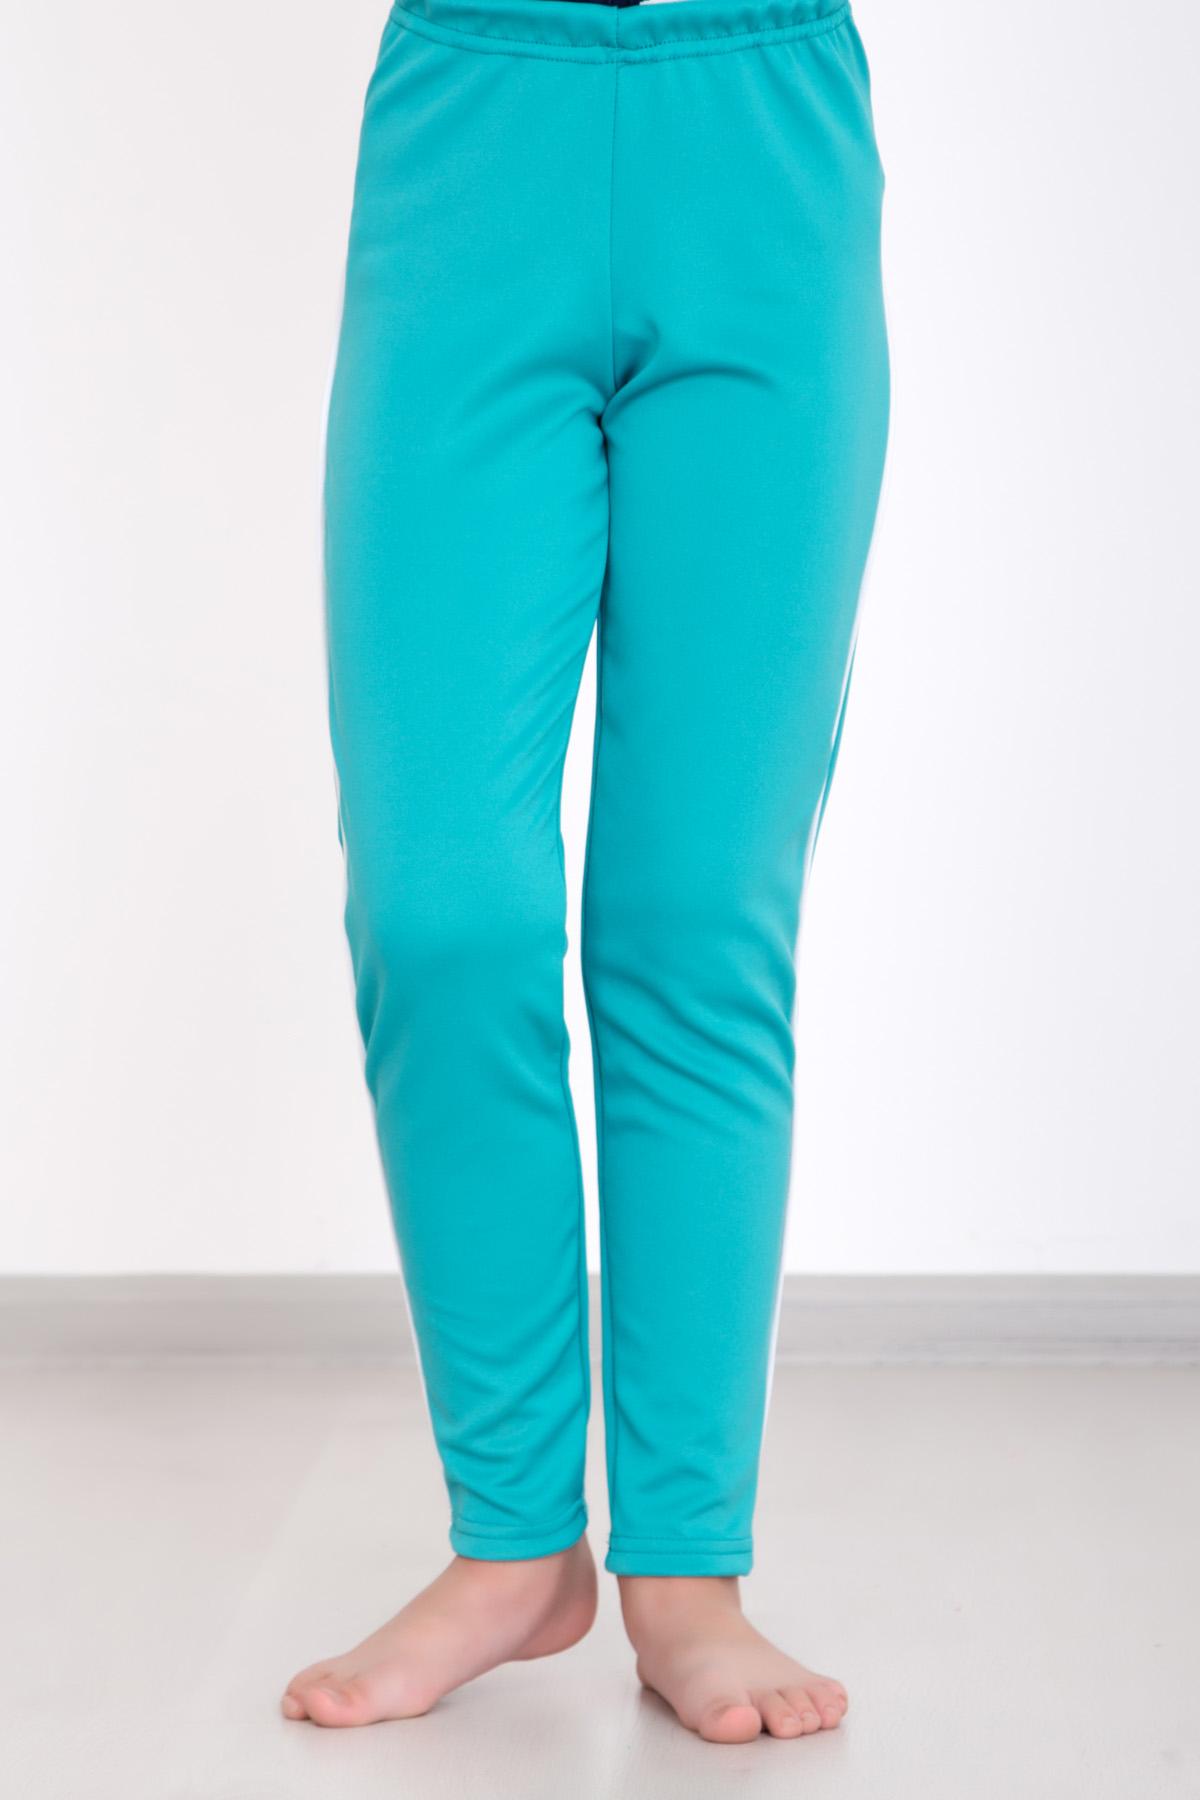 Дет. брюки Спорт Ментол р. 38Распродажа товаров<br><br><br>Тип: Дет. брюки<br>Размер: 38<br>Материал: Полиэстер